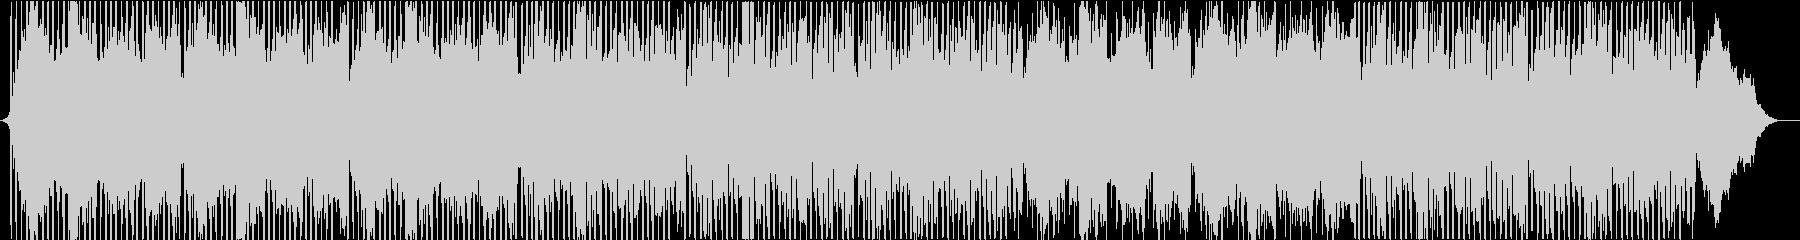 背景、アンビエントの未再生の波形